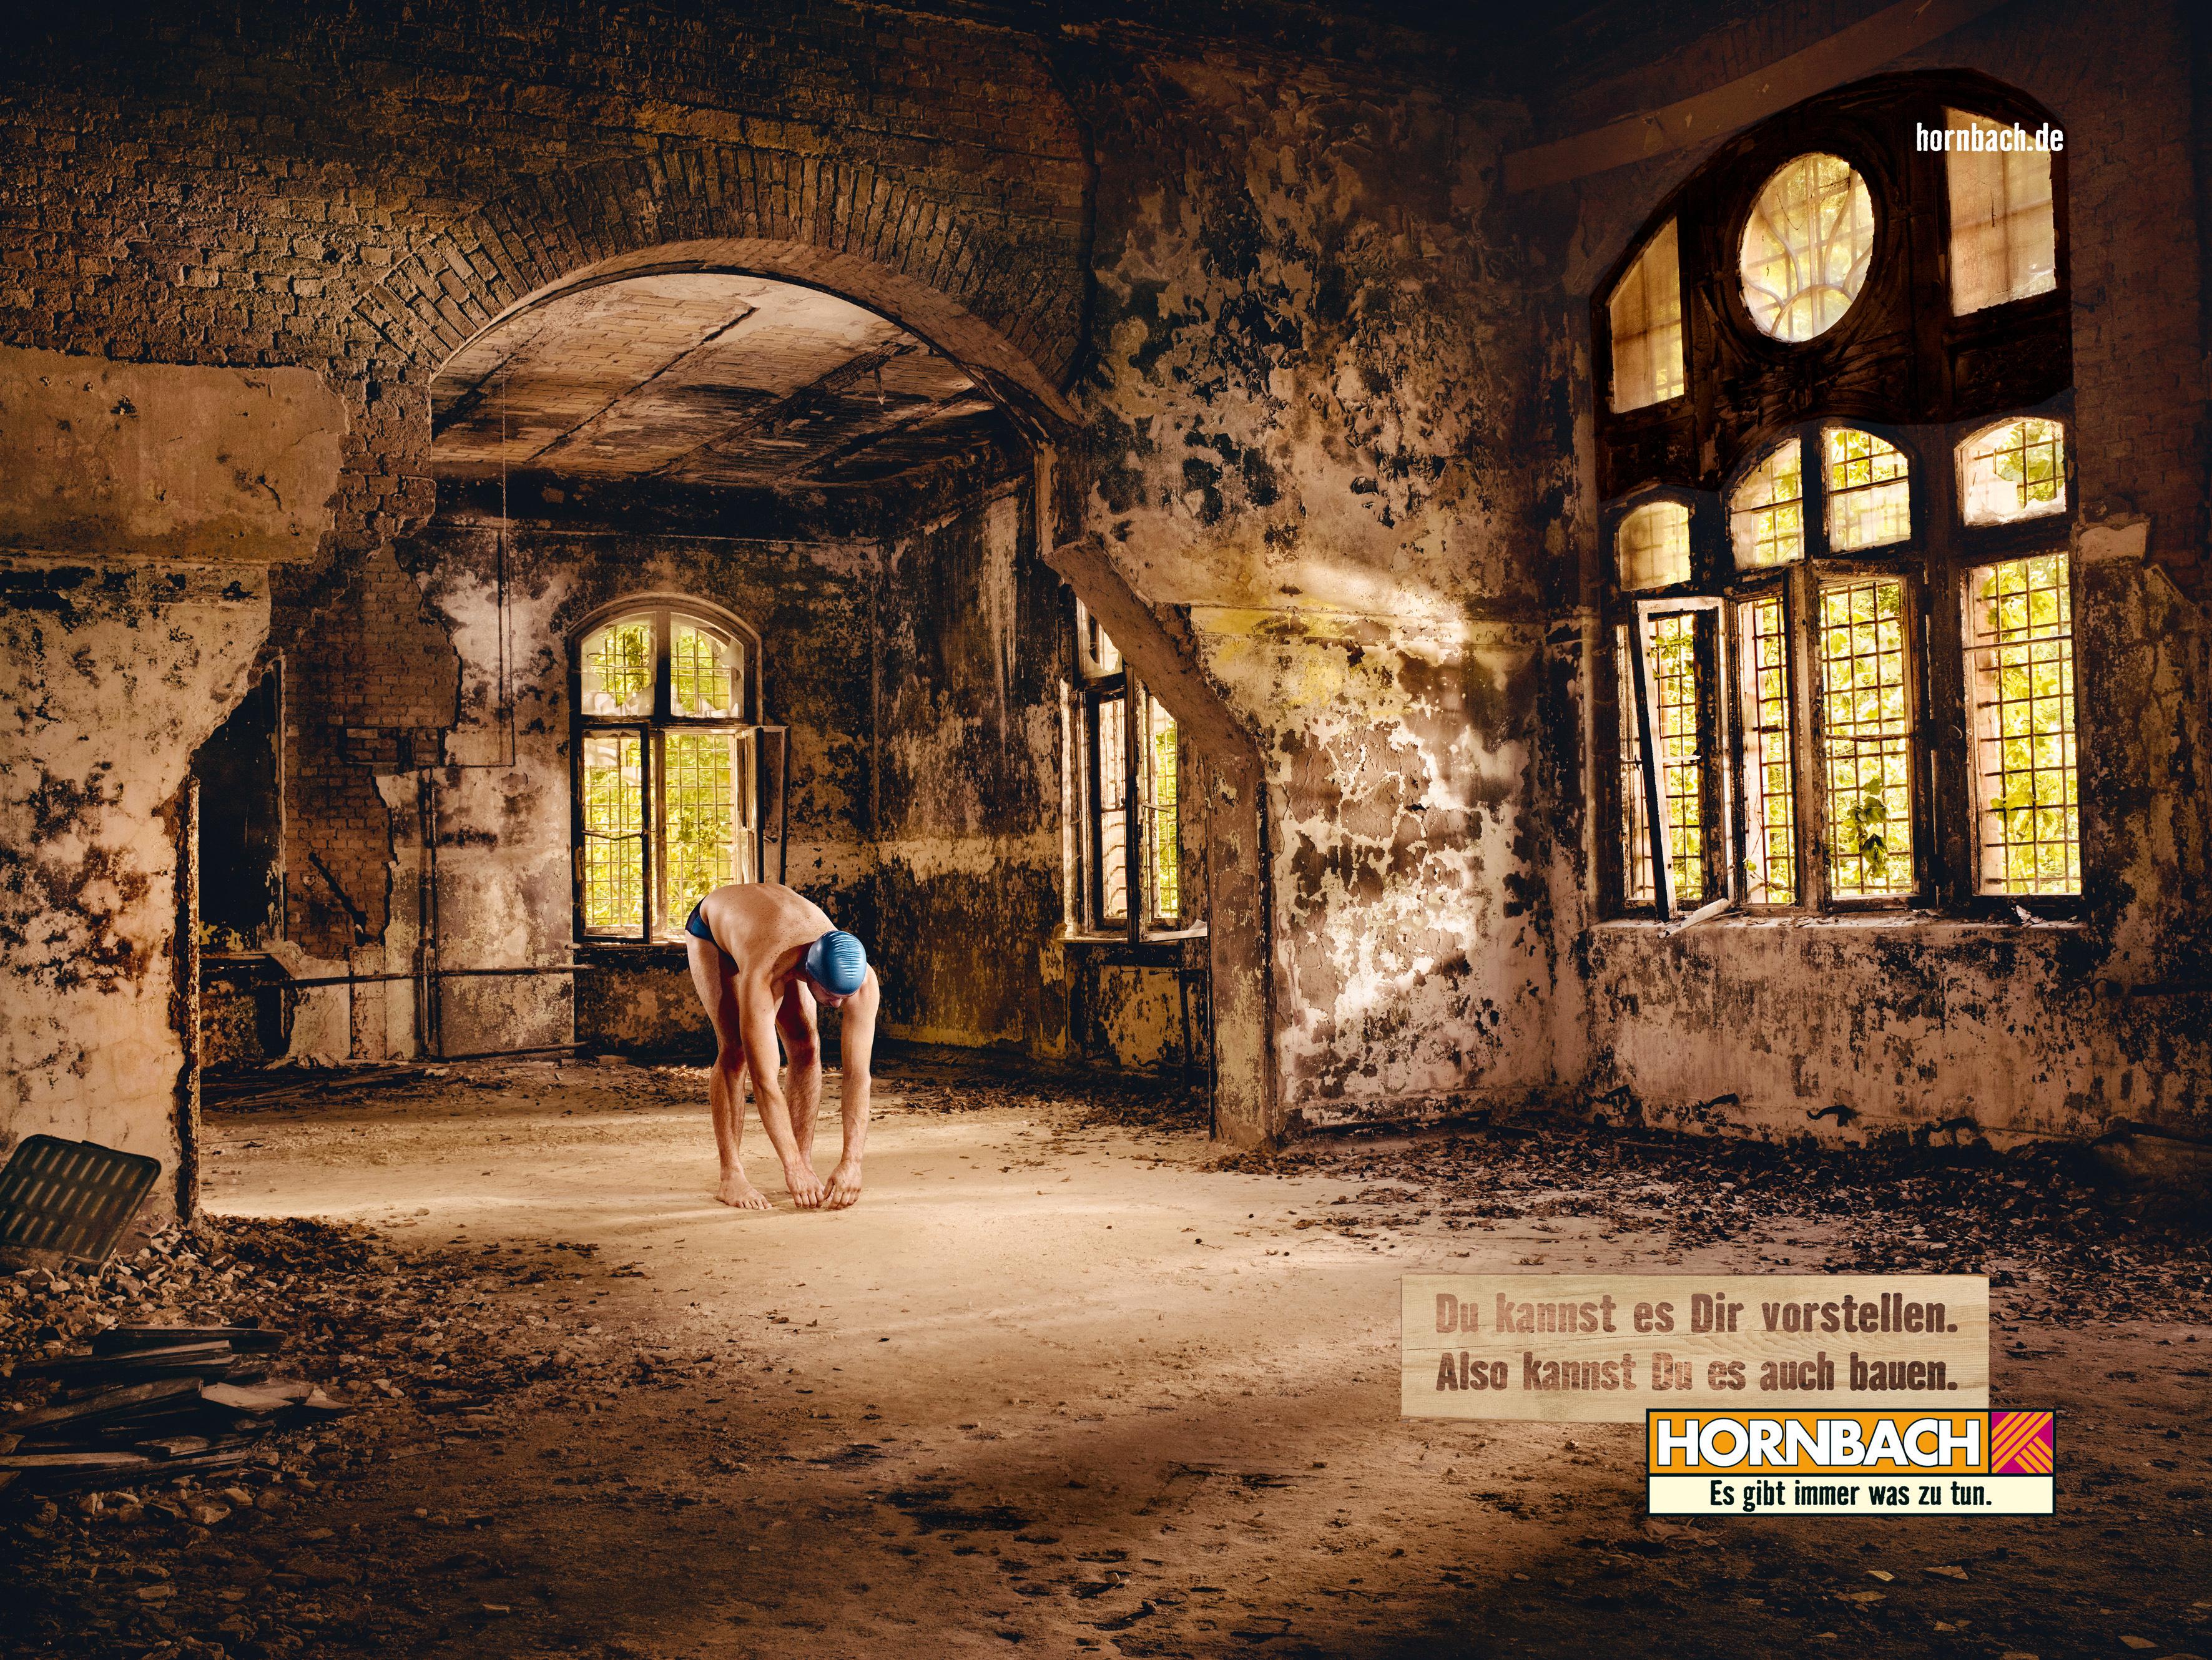 bestes kampagnen foto 2009 der schwimmer von hornbach. Black Bedroom Furniture Sets. Home Design Ideas